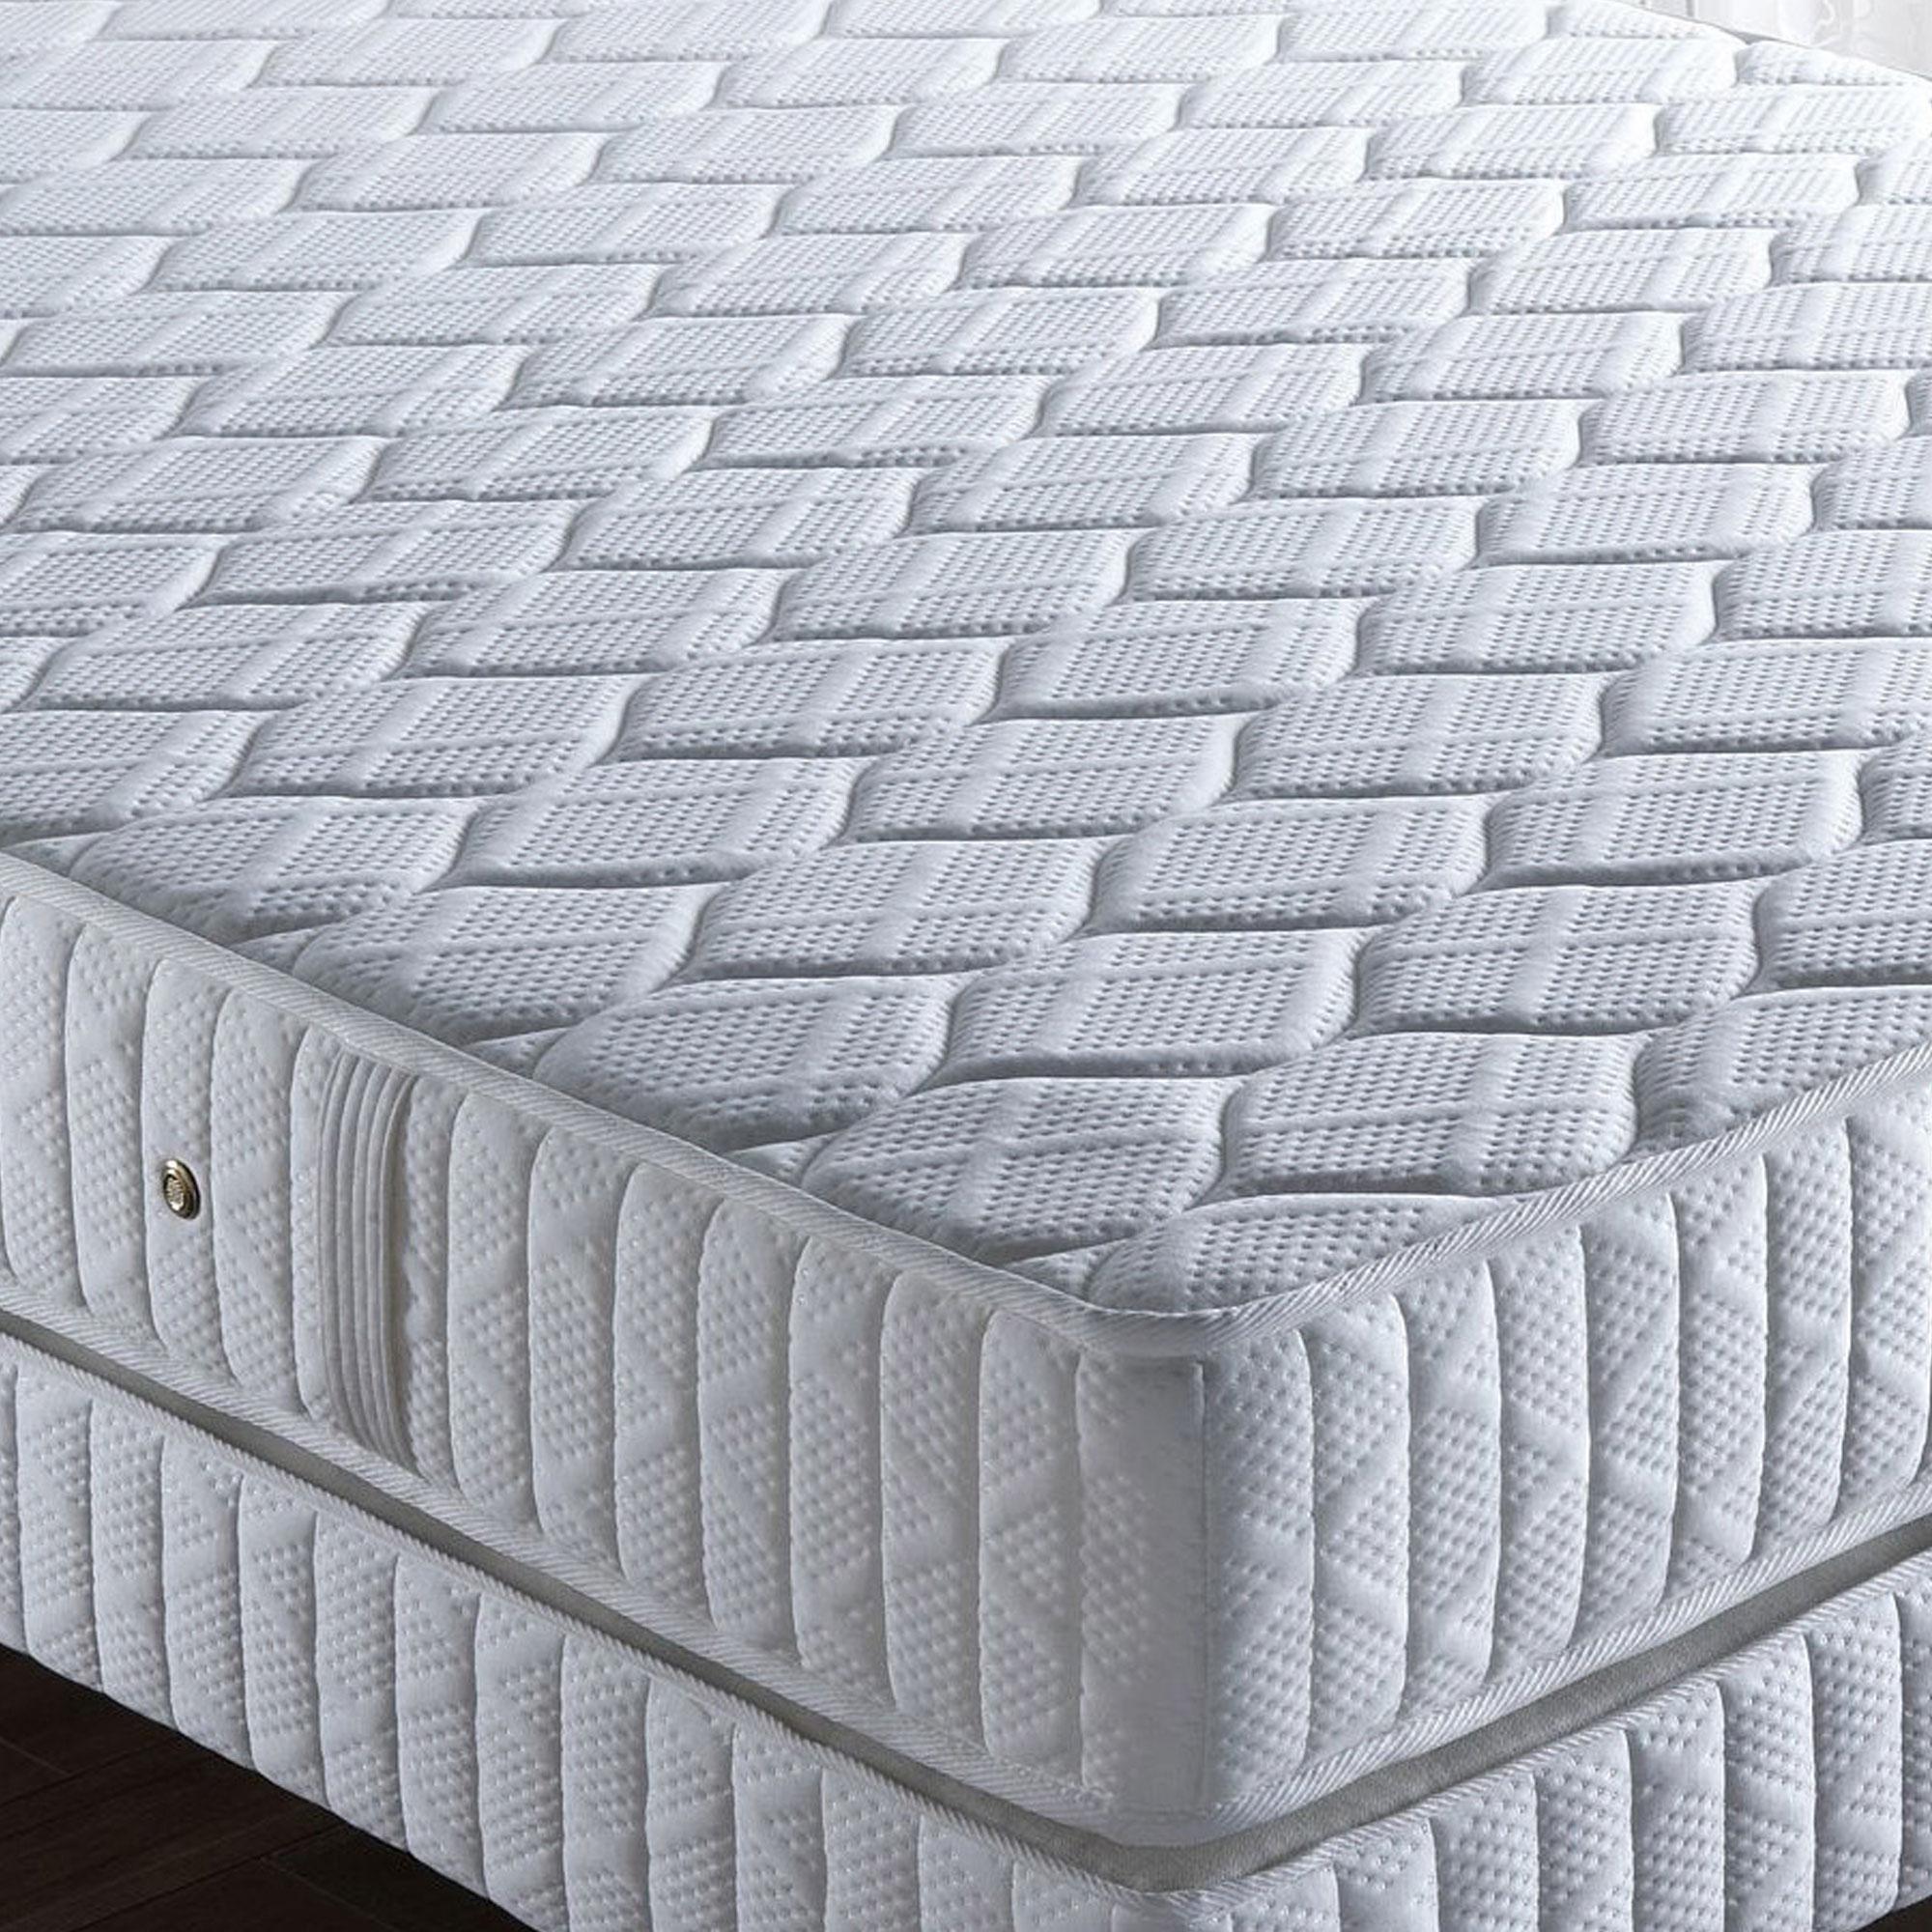 matelas ressorts ensach s accueil confort soutien ferme simmons lys 90 x 190 anniversaire. Black Bedroom Furniture Sets. Home Design Ideas